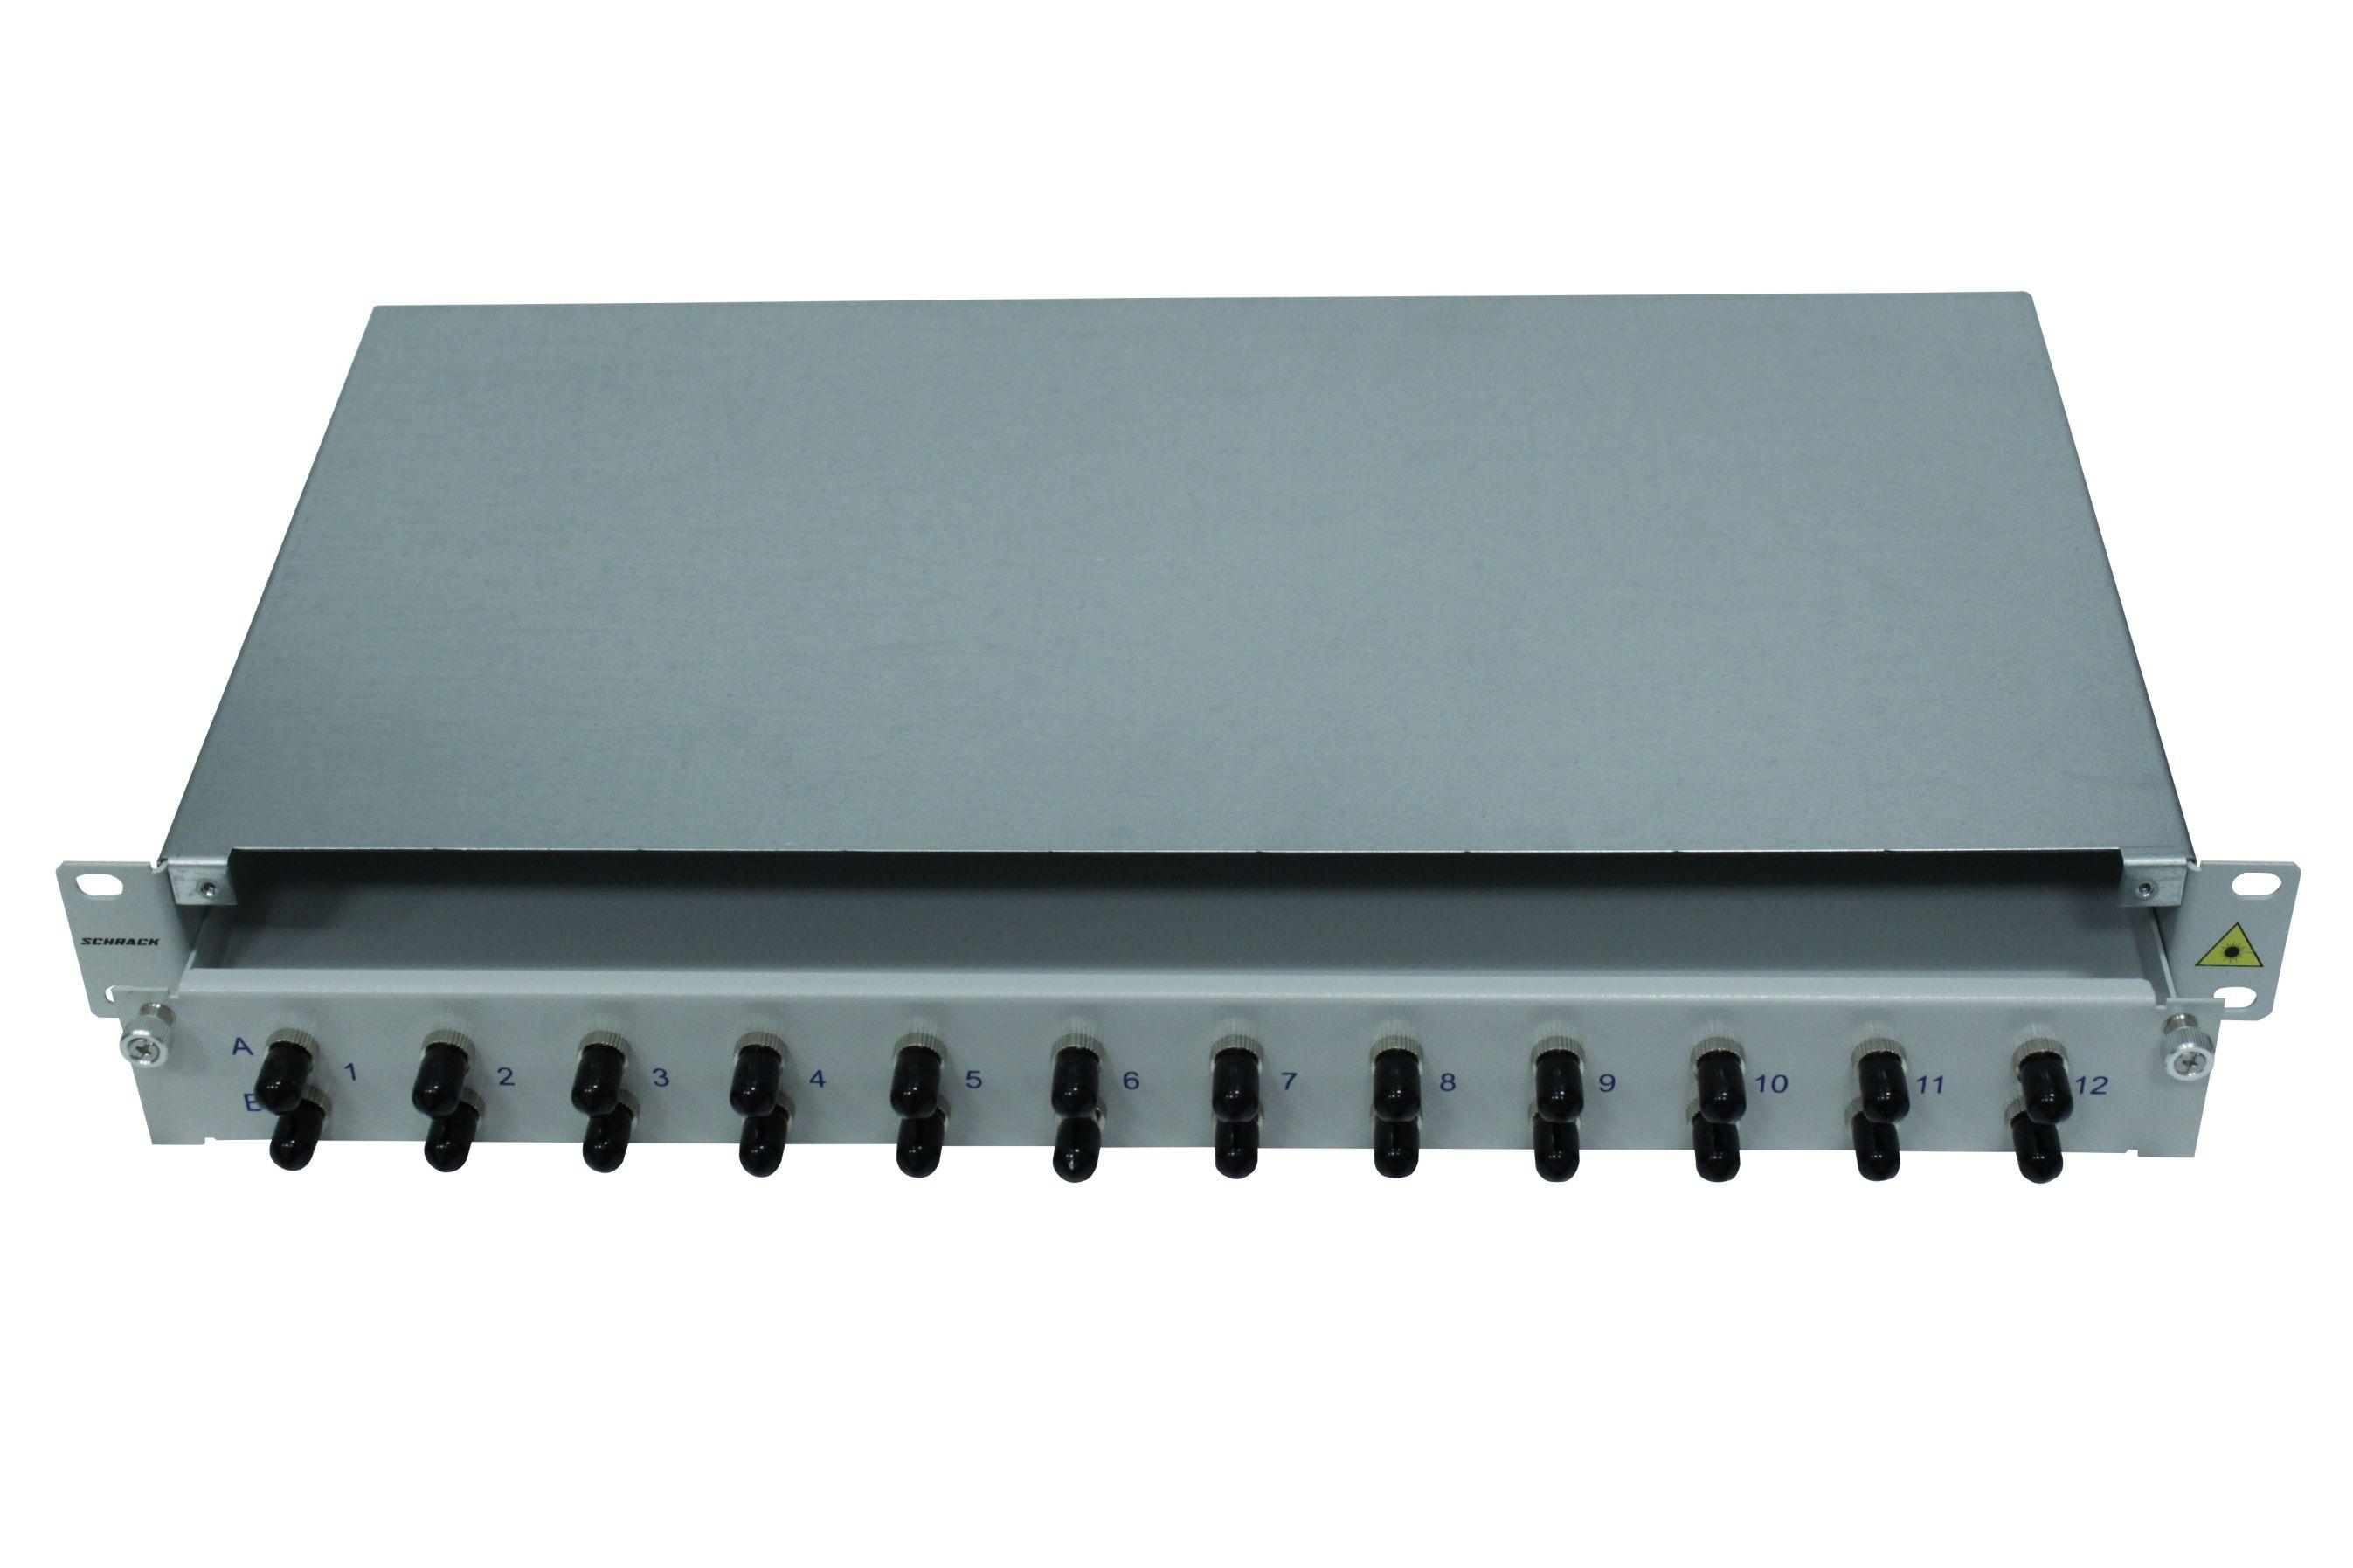 1 Stk LWL Patchpanel 19, 1 HE, ausziehbar, für 8 Fasern, ST, MM HSELS08MTG